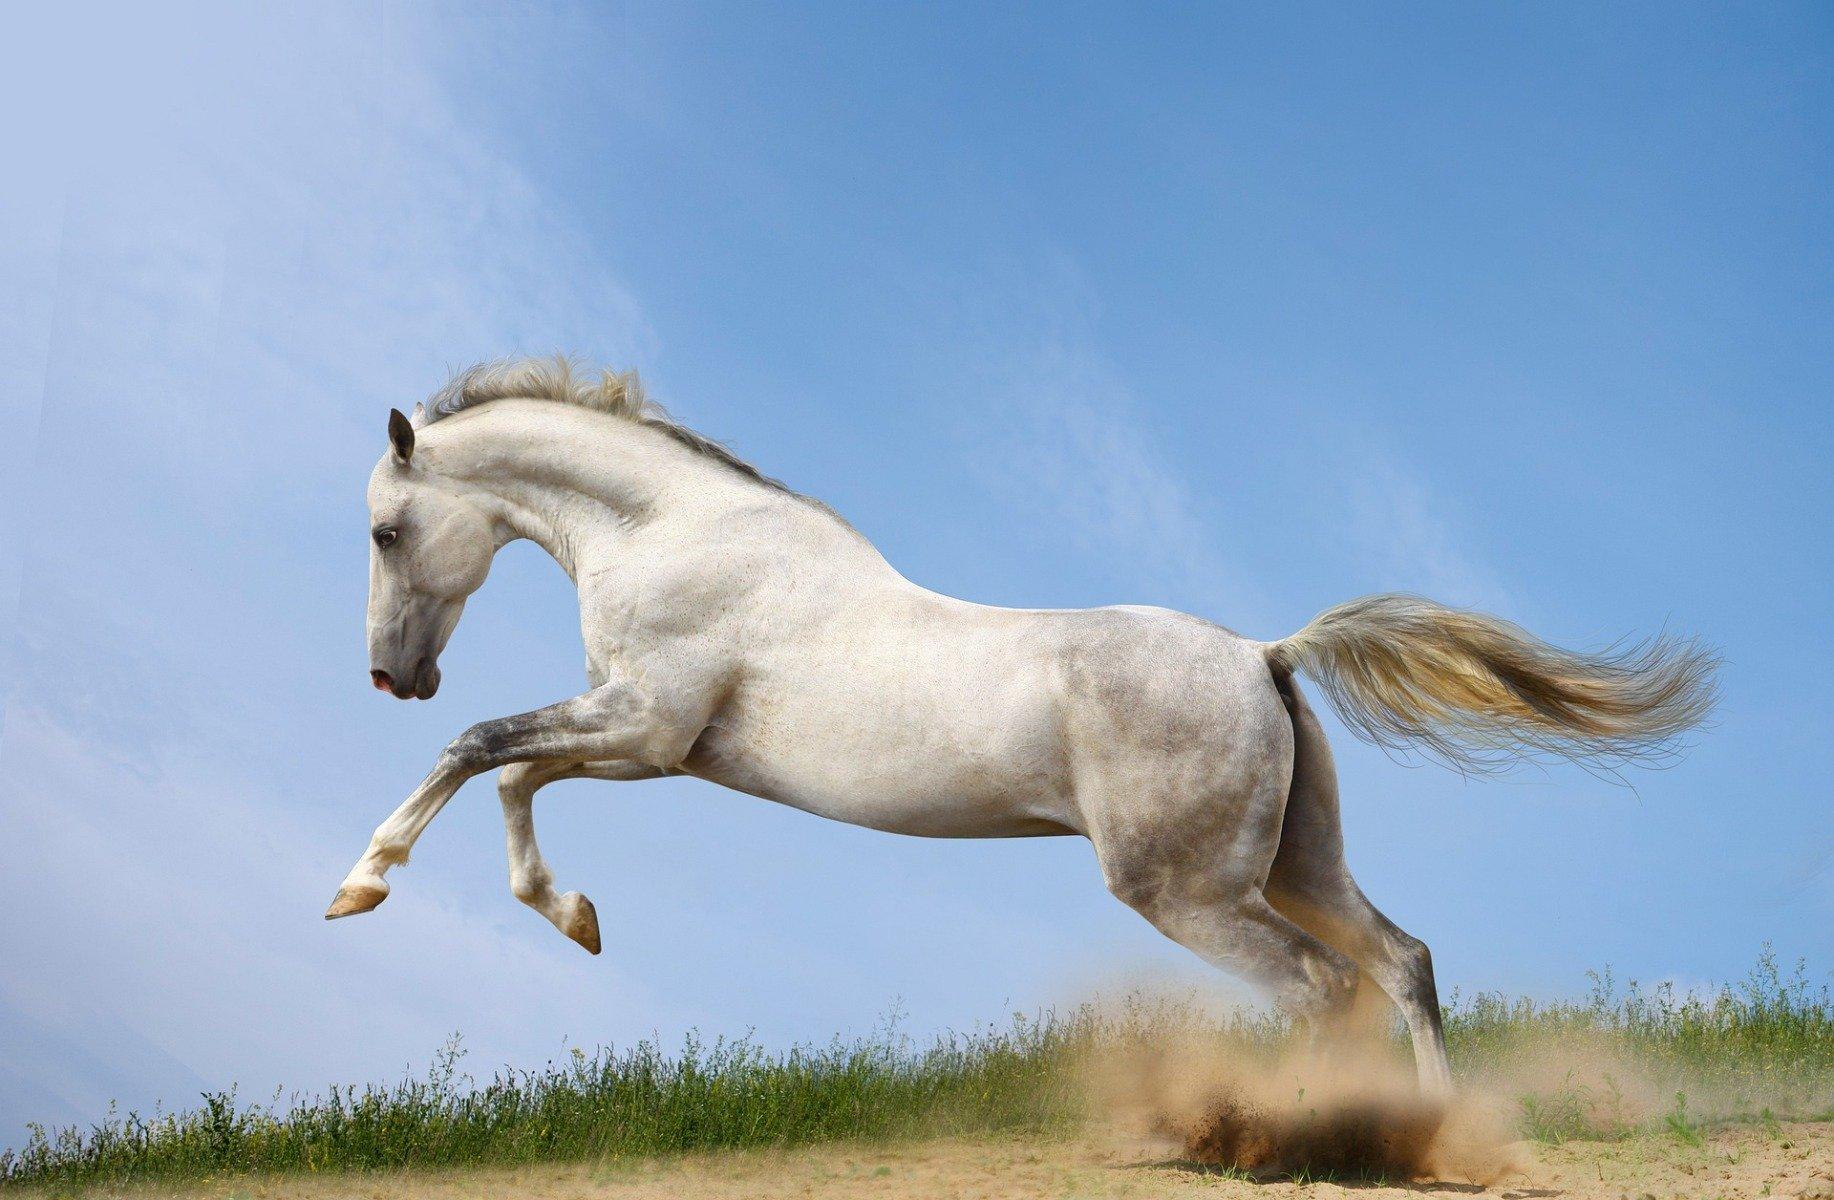 Pferd springt auf der Weide